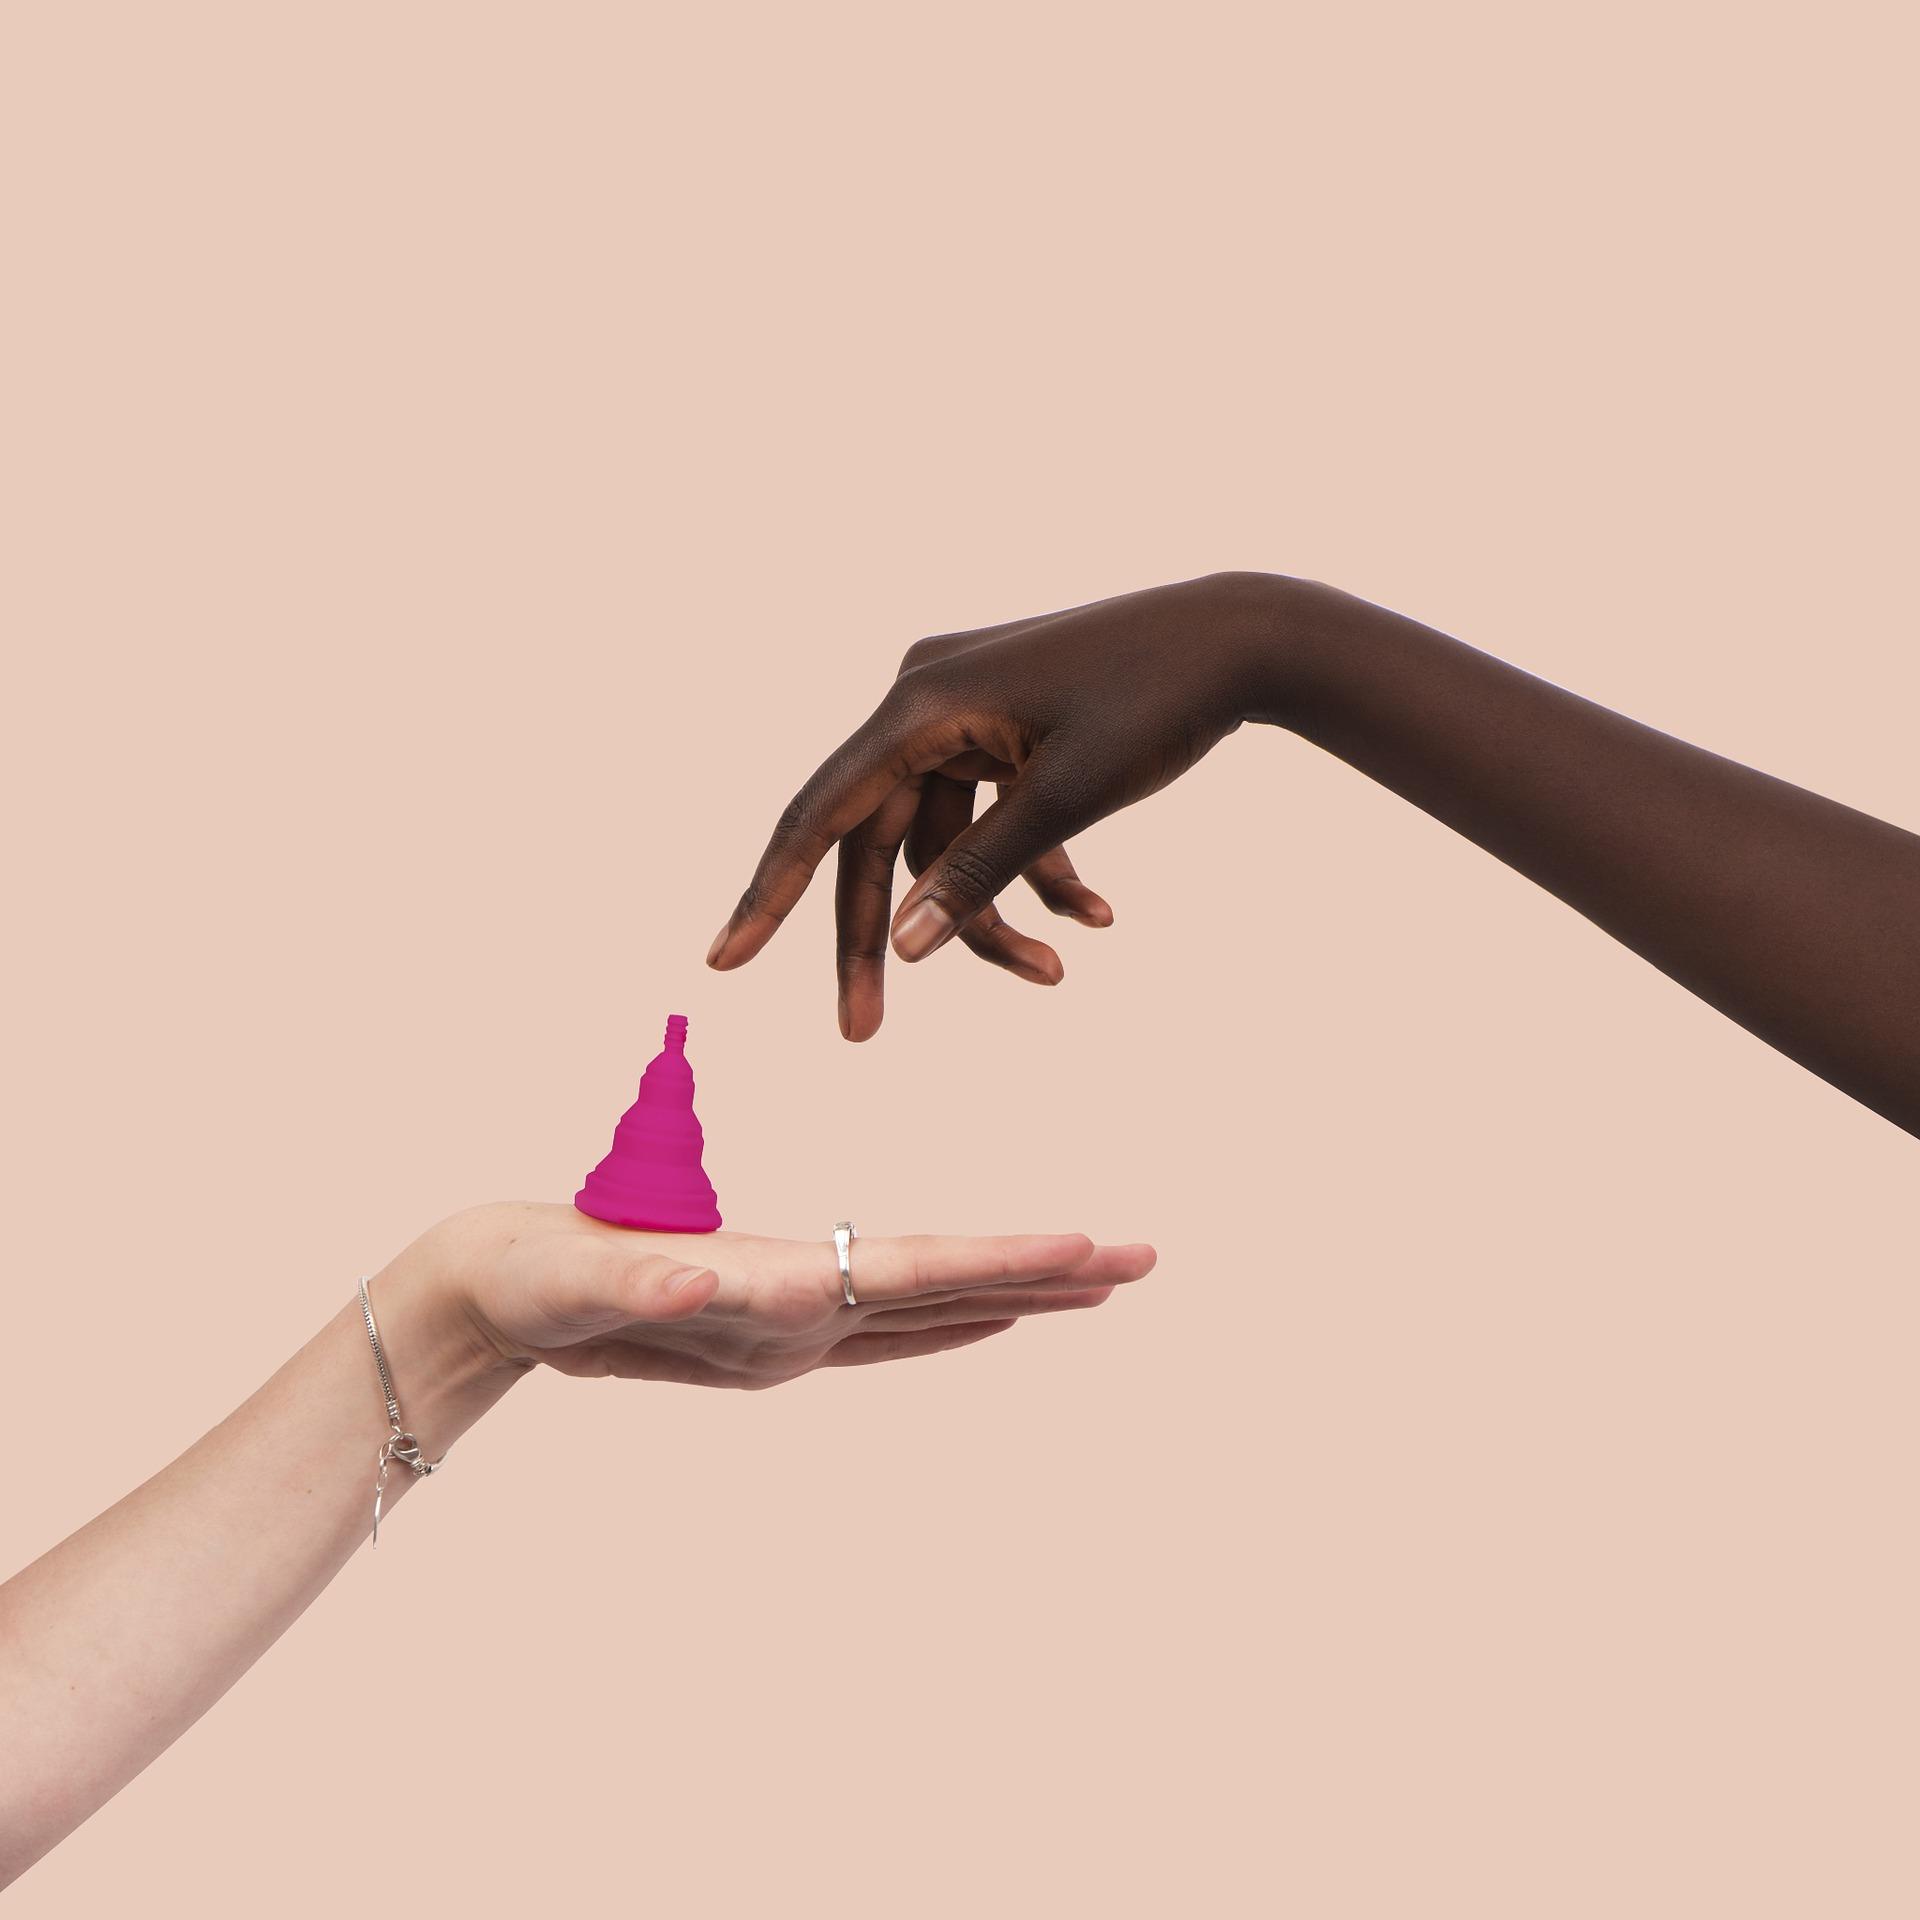 Deux mains échangeant une coupe menstruelle rose sur fond beige